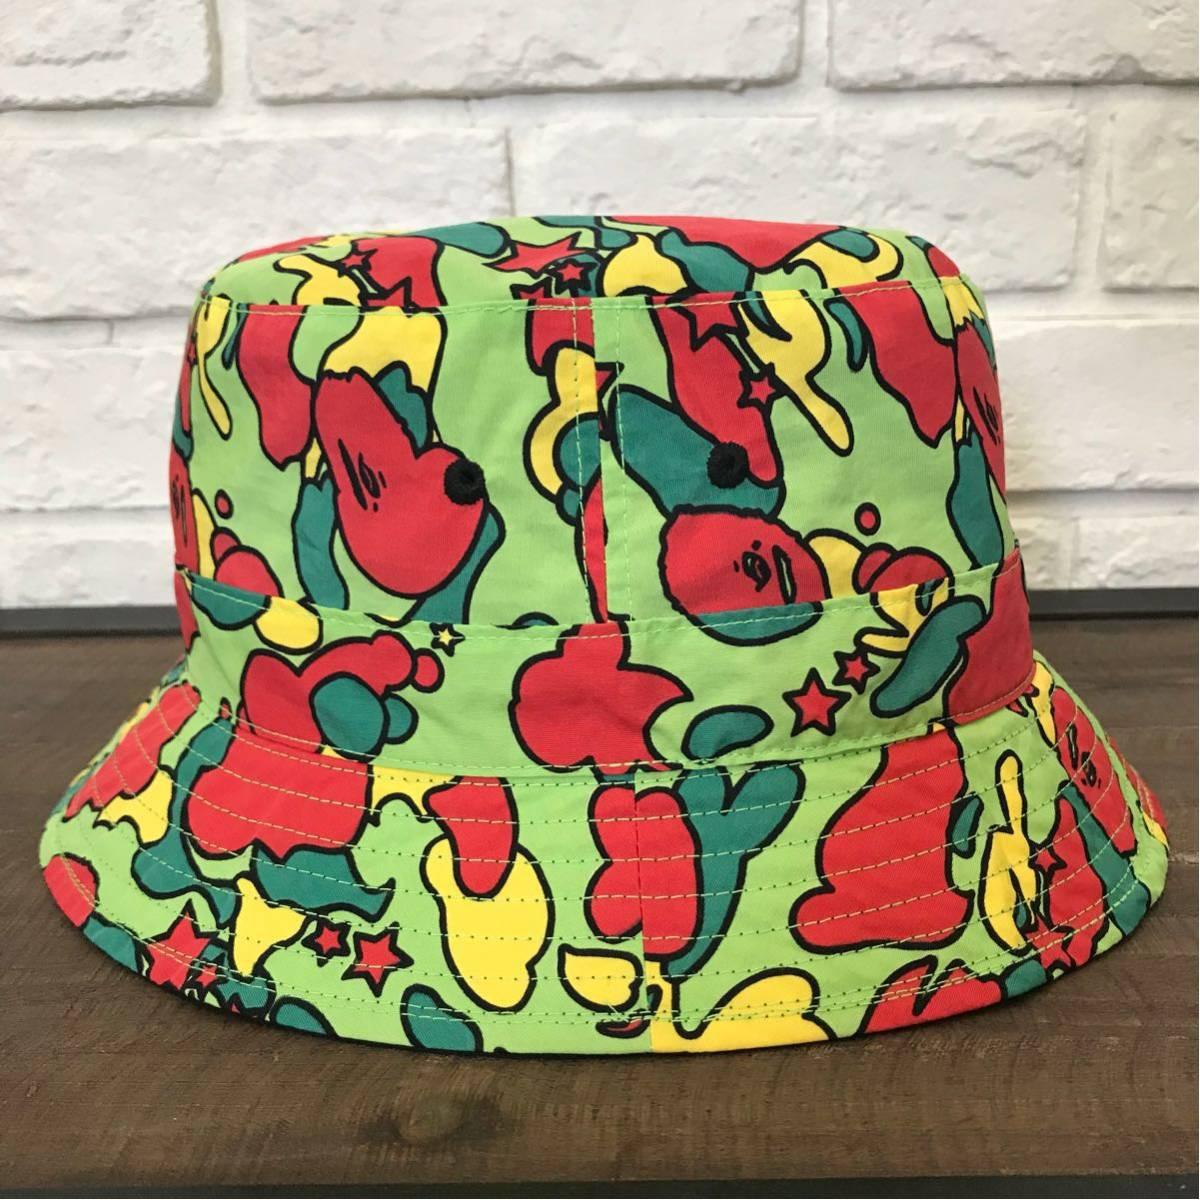 ★激レア★ psyche camo reversible hat a bathing ape BAPE エイプ ベイプ リバーシブル ハット サイケ 帽子 nigo pharrell vintage